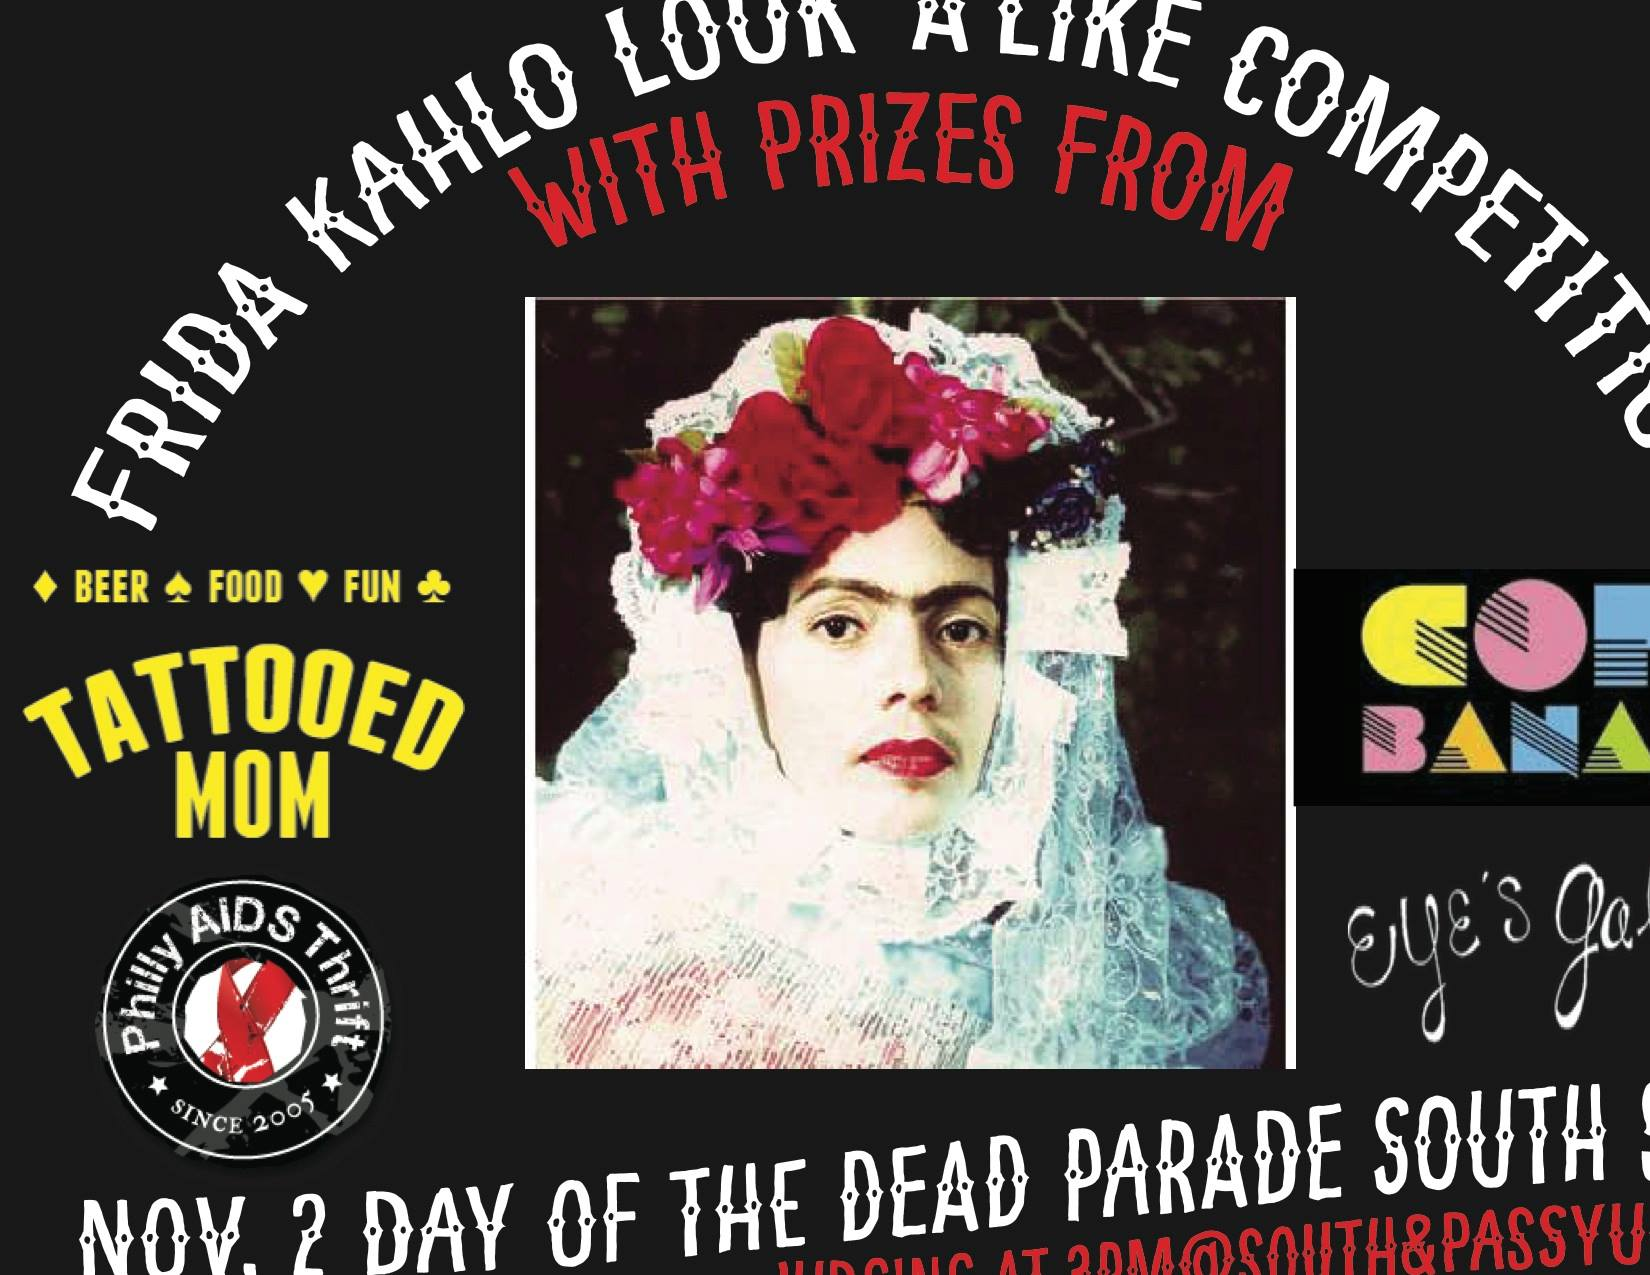 Dia De Los Muertos Festival and Parade this Sunday, November 2nd!